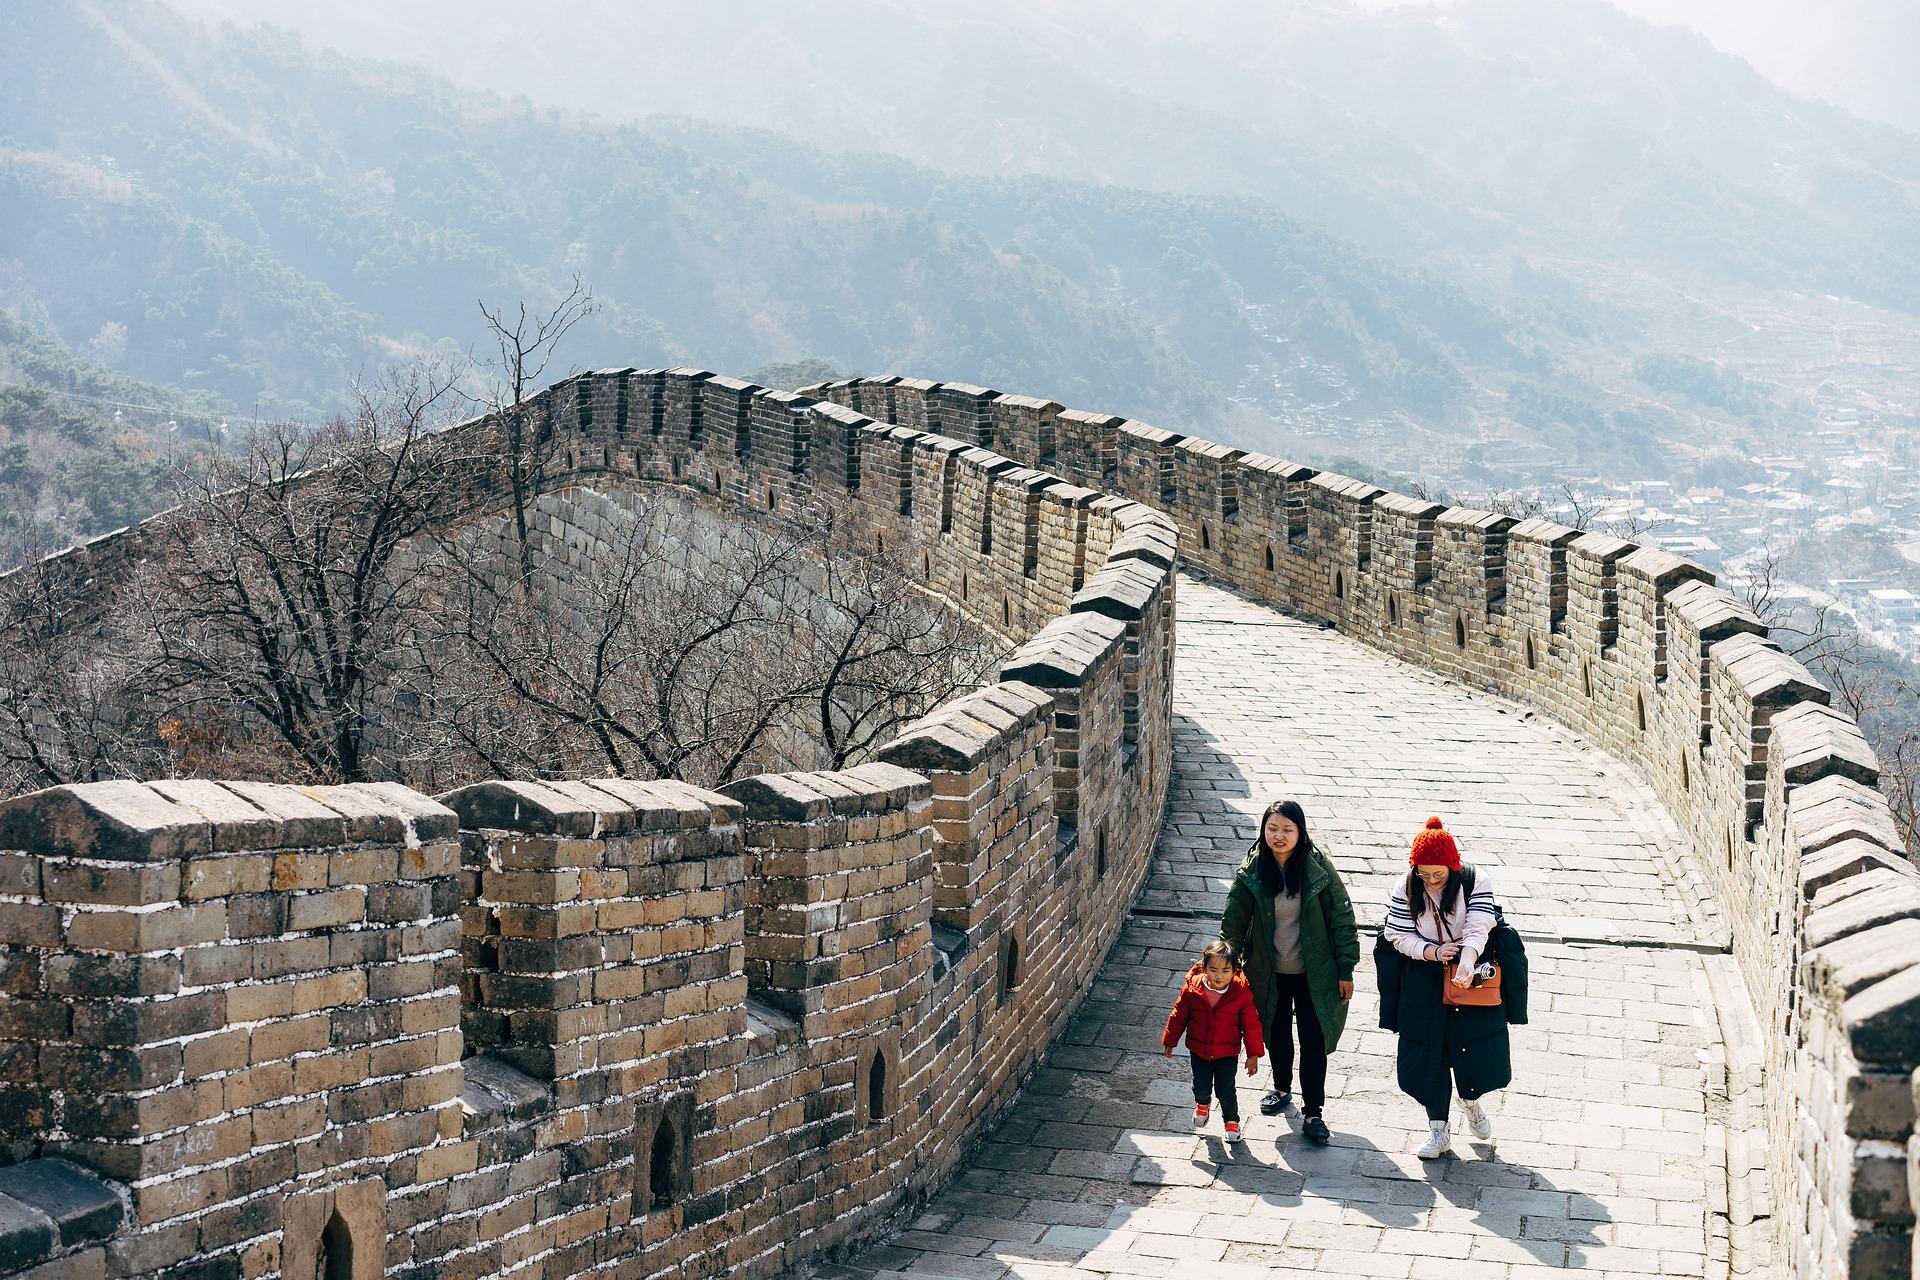 OPÅLITLIGT I KINA: Svårigheten att stå upp för sina värderingar